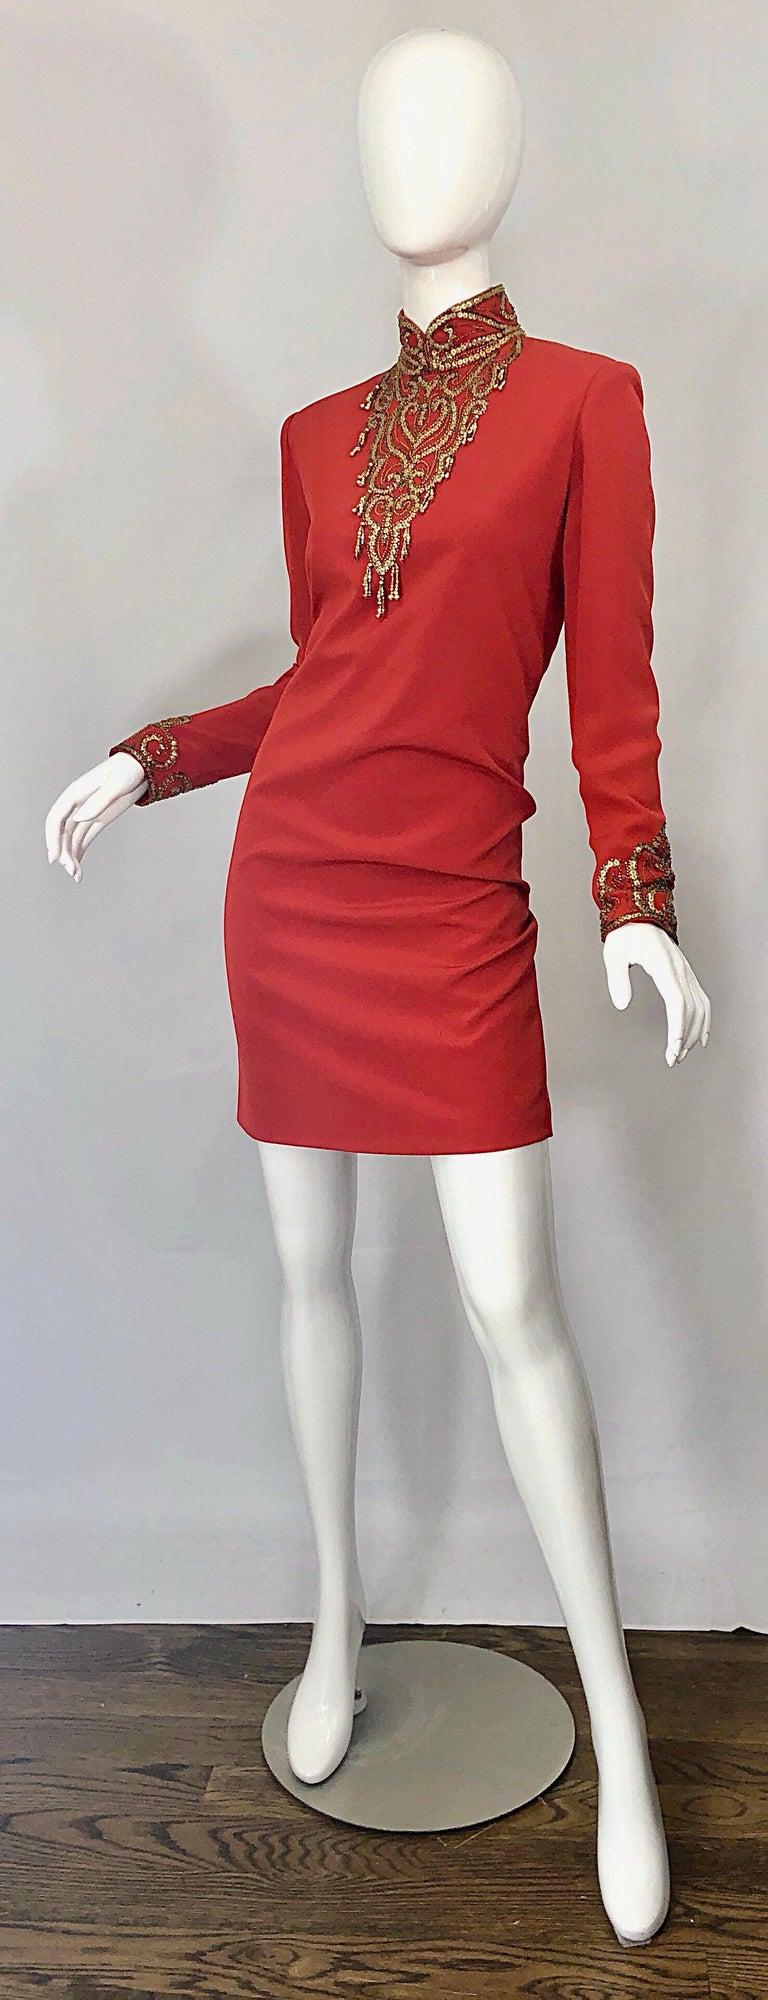 Vintage Oleg Cassini Size 8 1990s Burnt Orange Beaded 90s Long Sleeve Silk Dress For Sale 2